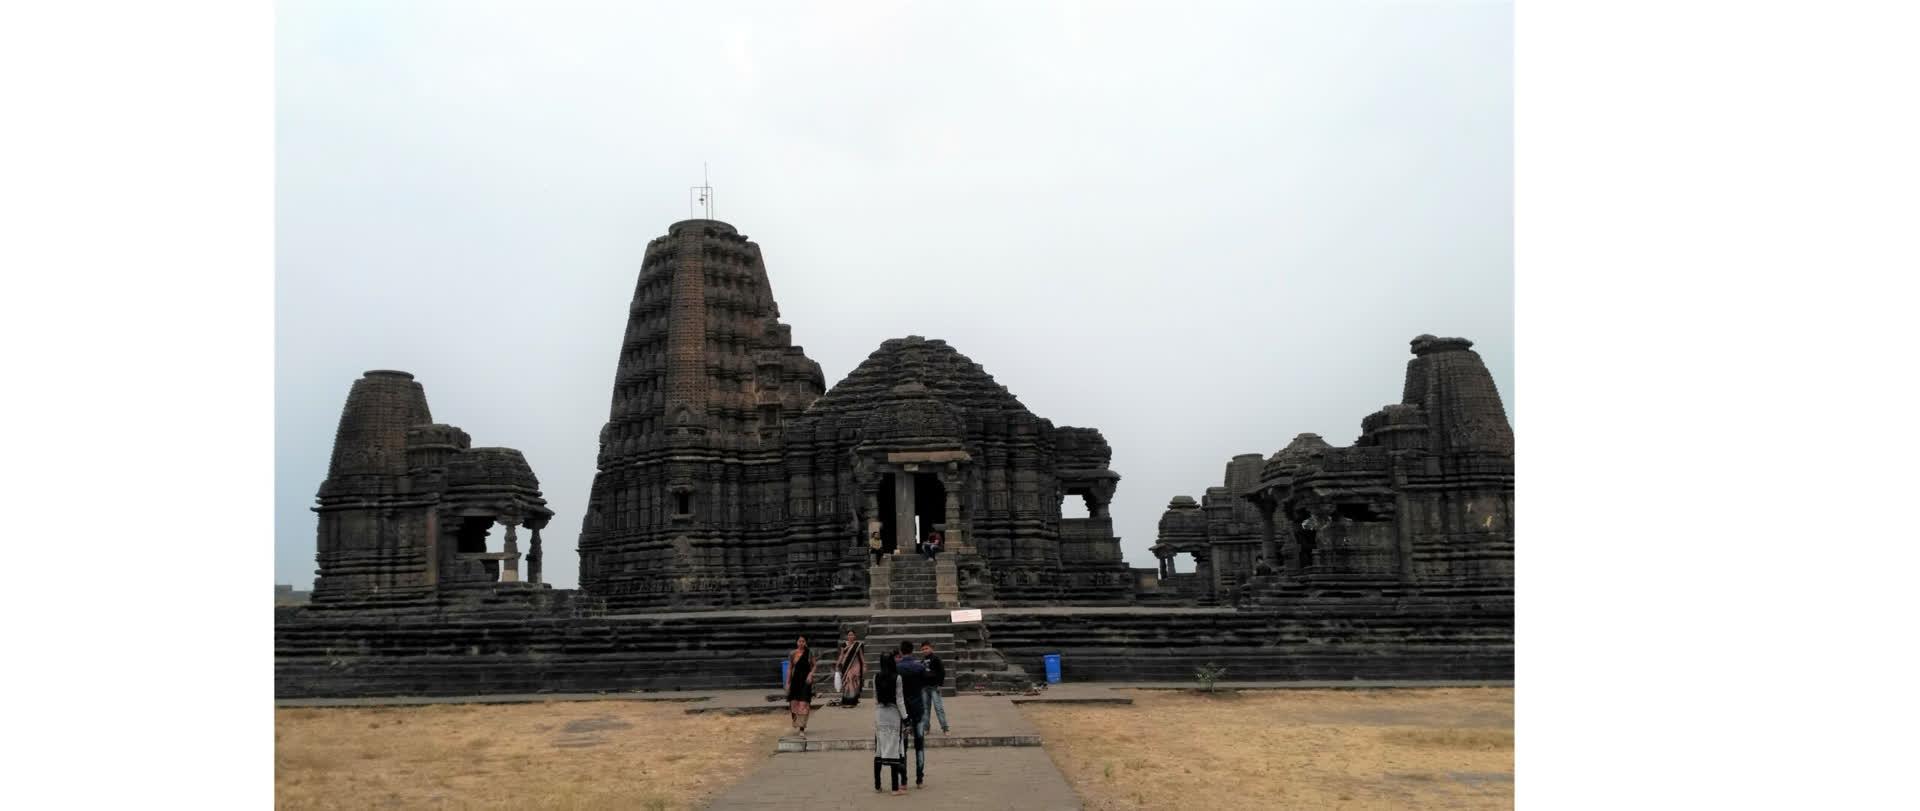 गोंदेश्वर पंचायतन मंदिर : जहां पत्थर सुनाते हैं कथा